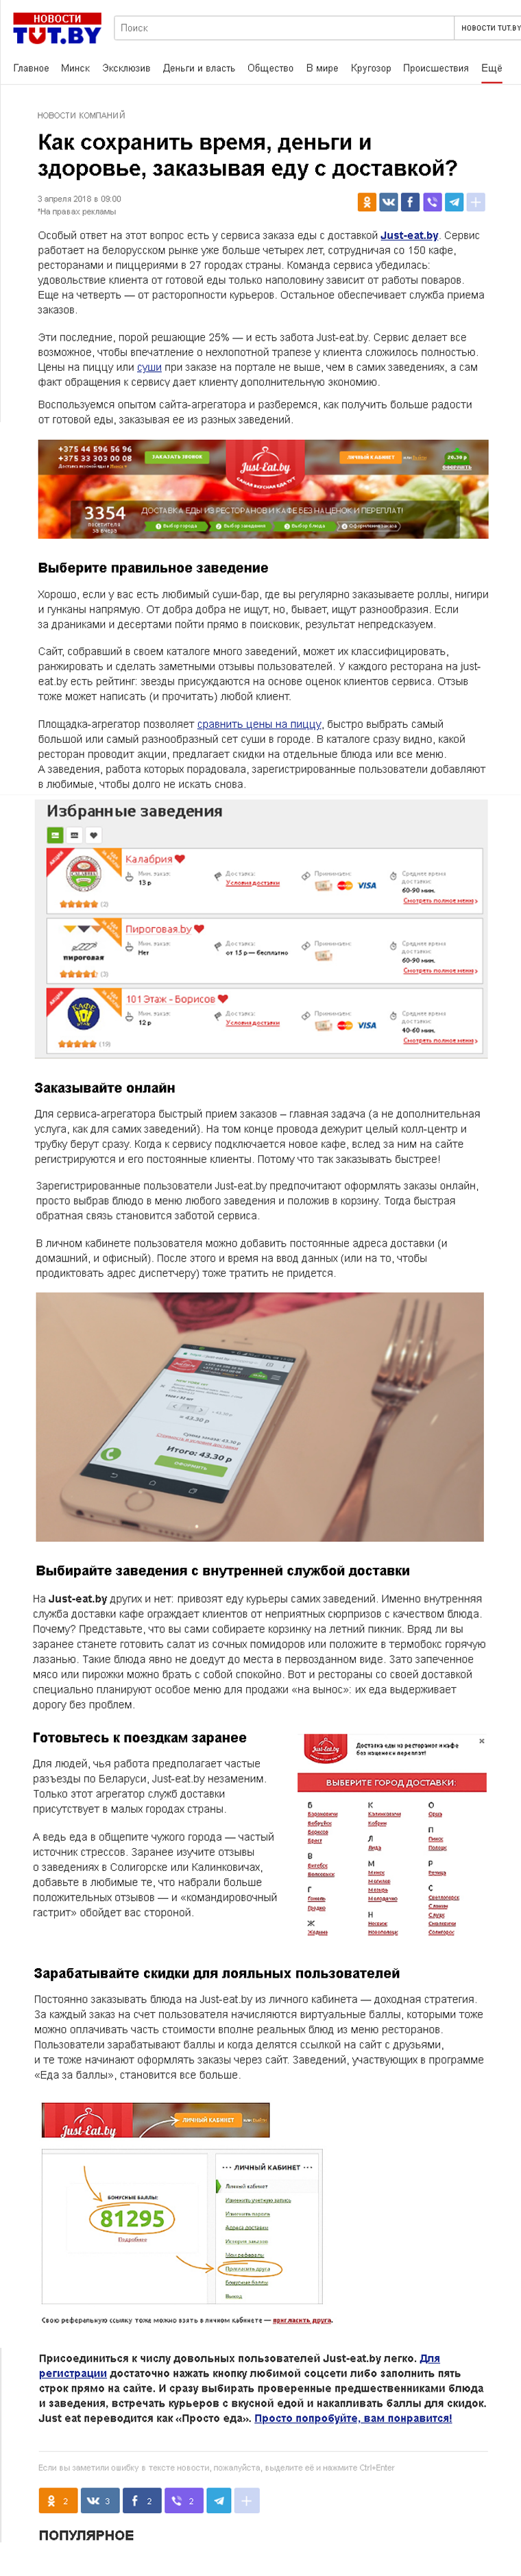 Скриншот: классическая рекламная статья о сервисе заказа еды.